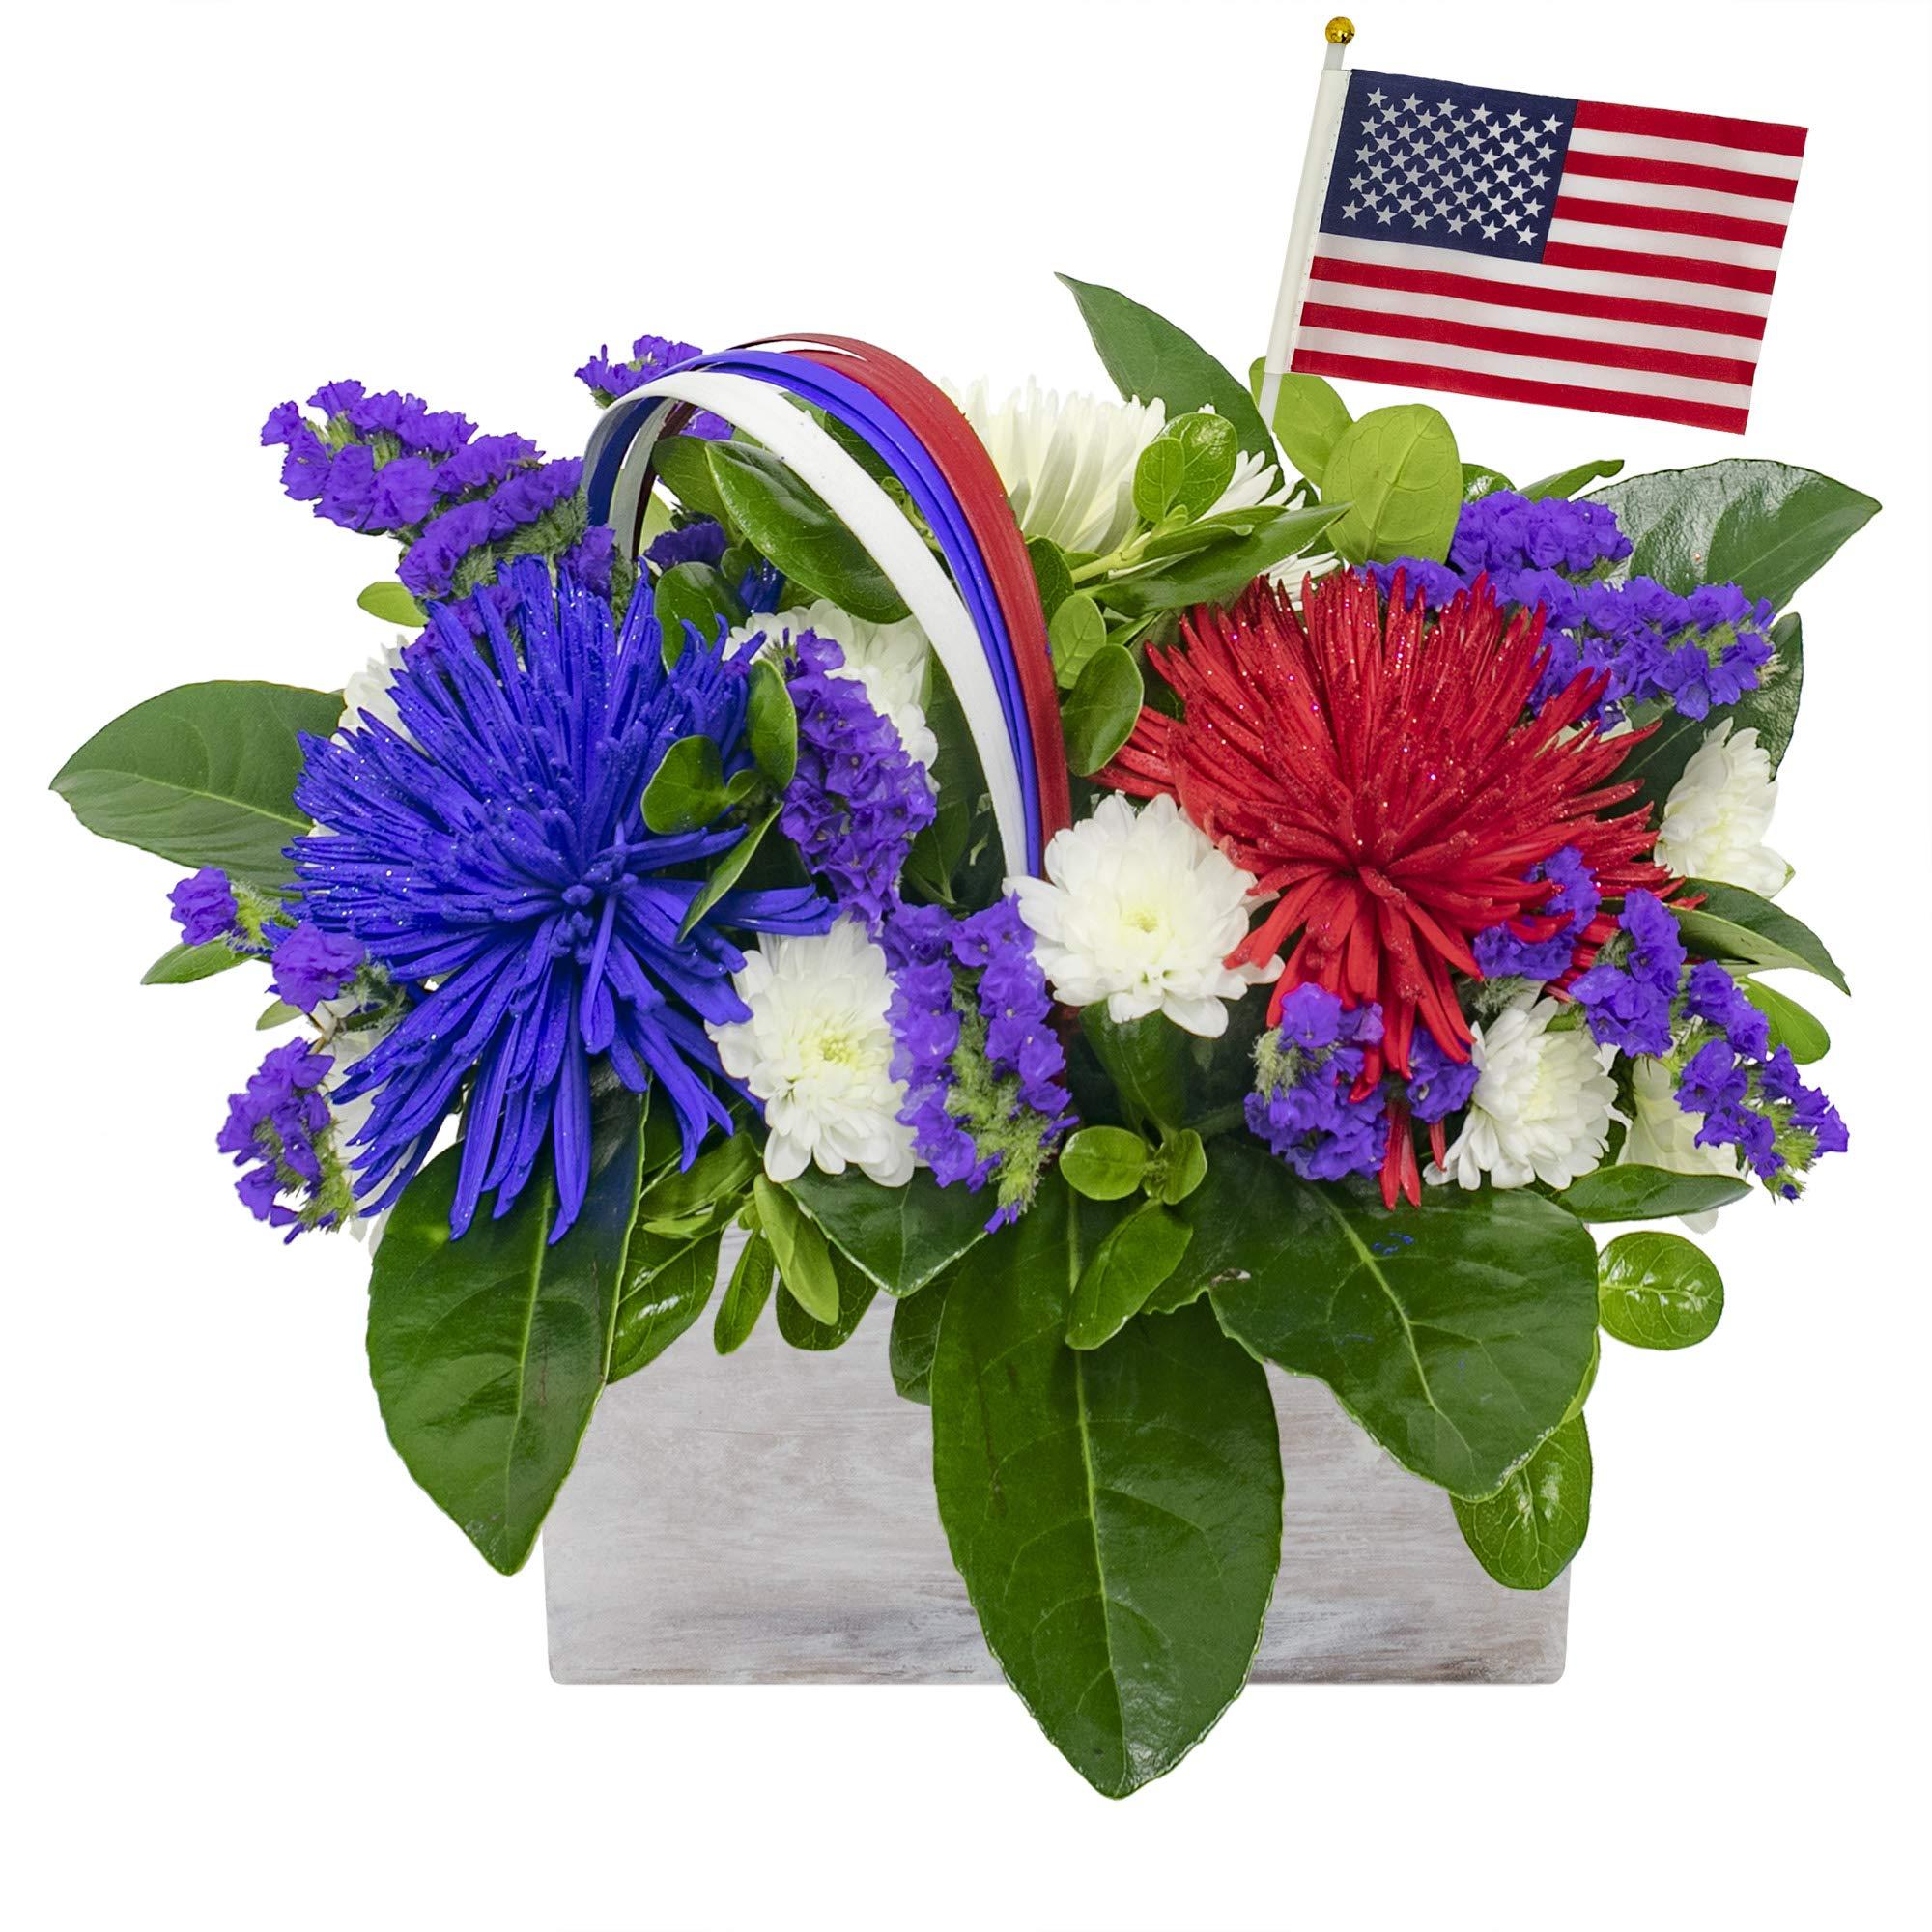 Vistaflor - Patriotic Centerpiece Arrangement by eFlowy